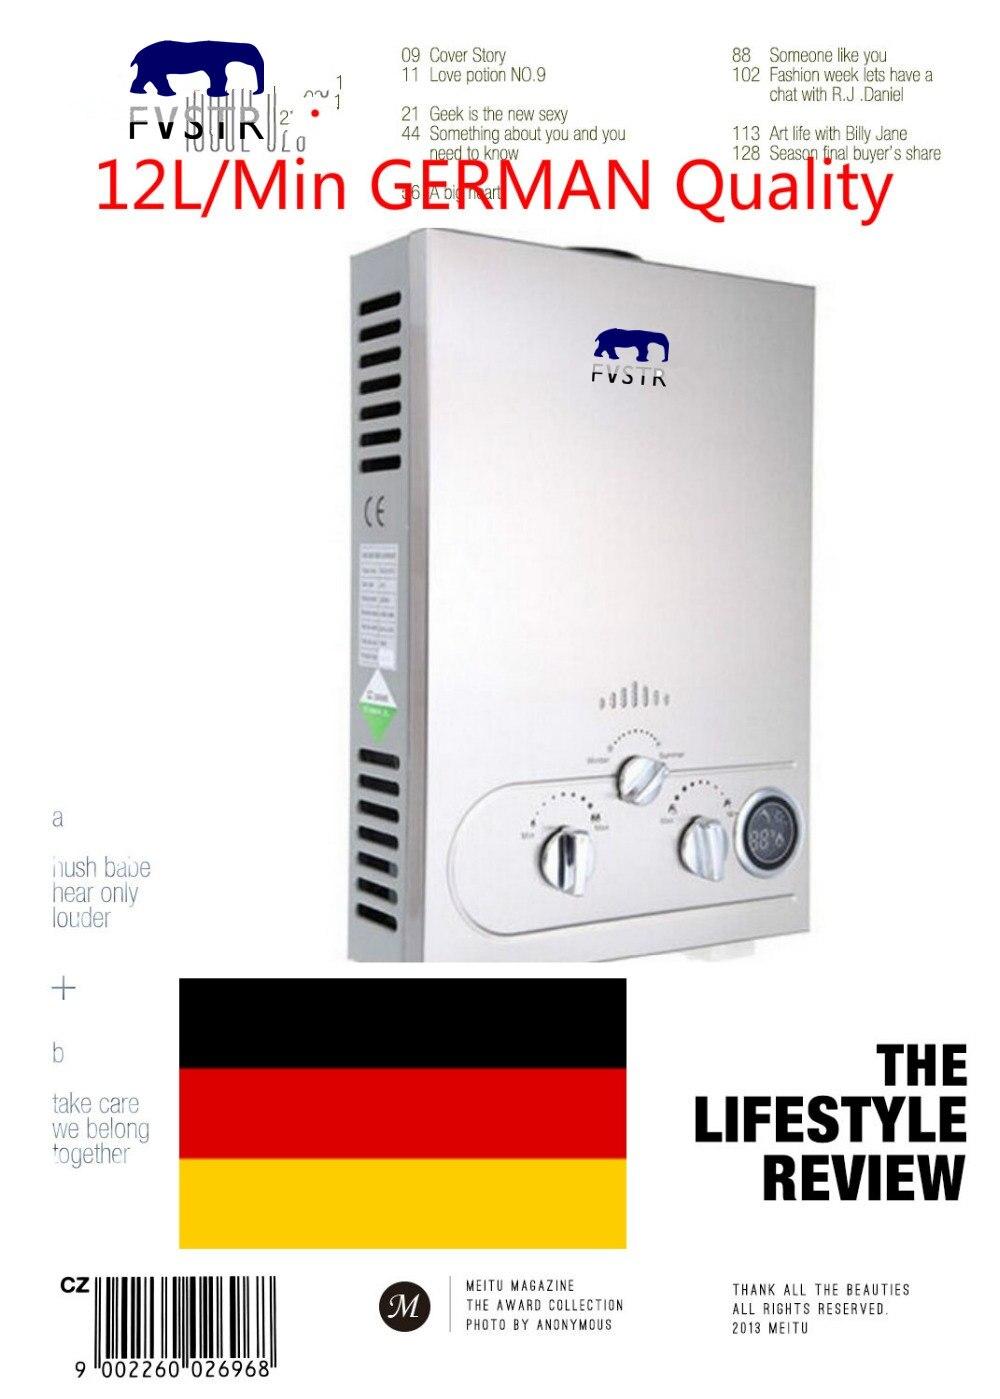 Liberal 2019 Rushed Ce Rauchtyp 12l Lp Gas Instant Heißer Wasser Heizung Lpg Propan Edelstahl Tankless Waschen Dusche Kessel 100% Qualität